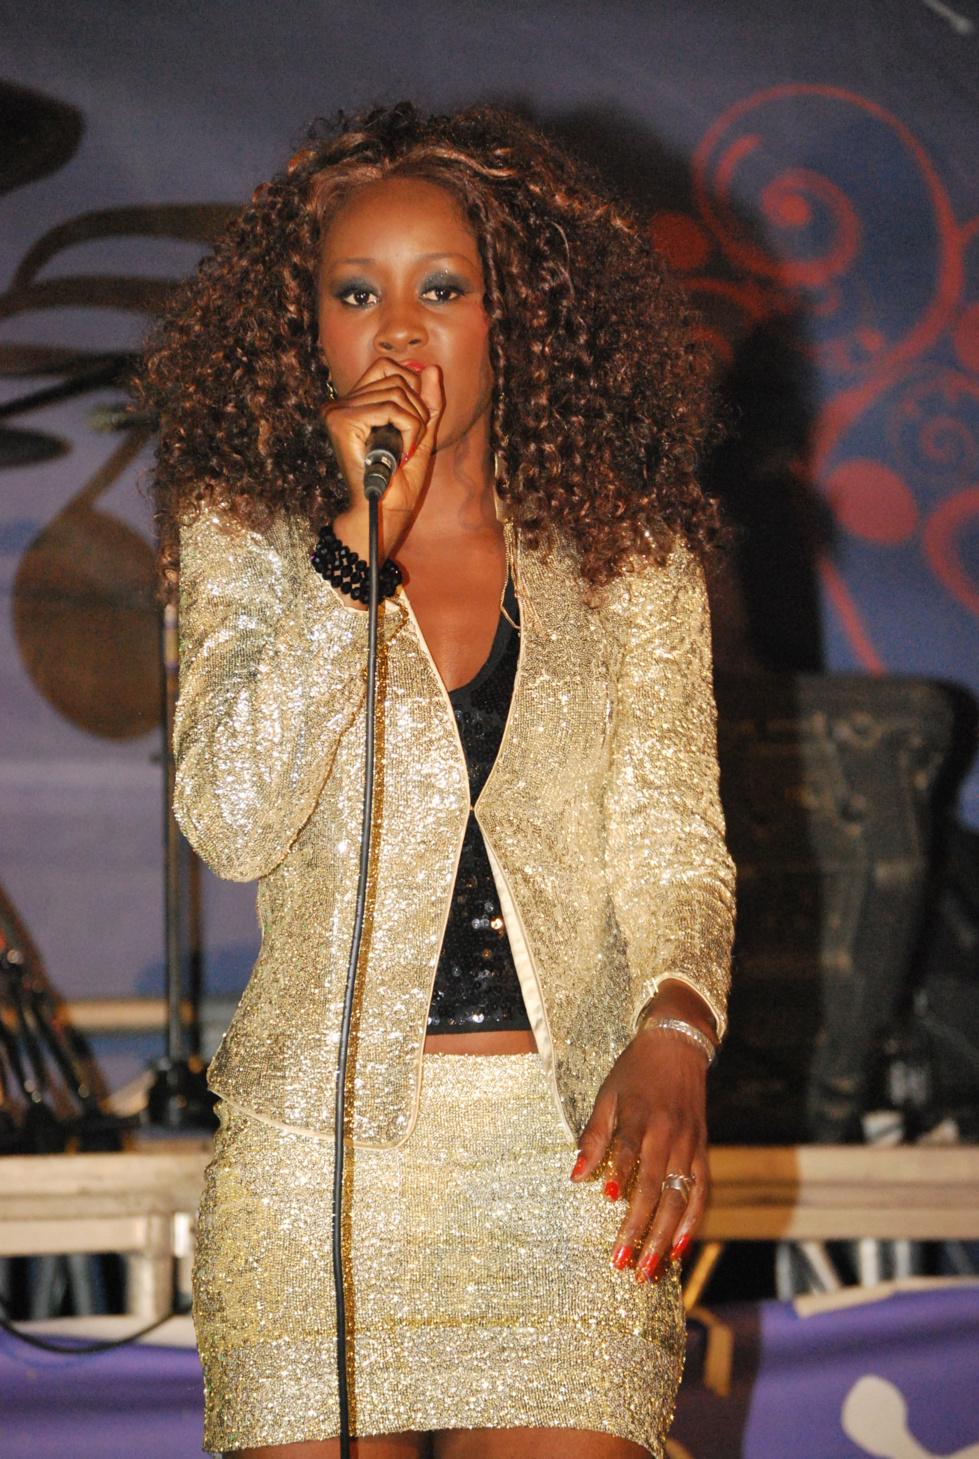 Photos exclusives du concert anniversaire de Queen Biz